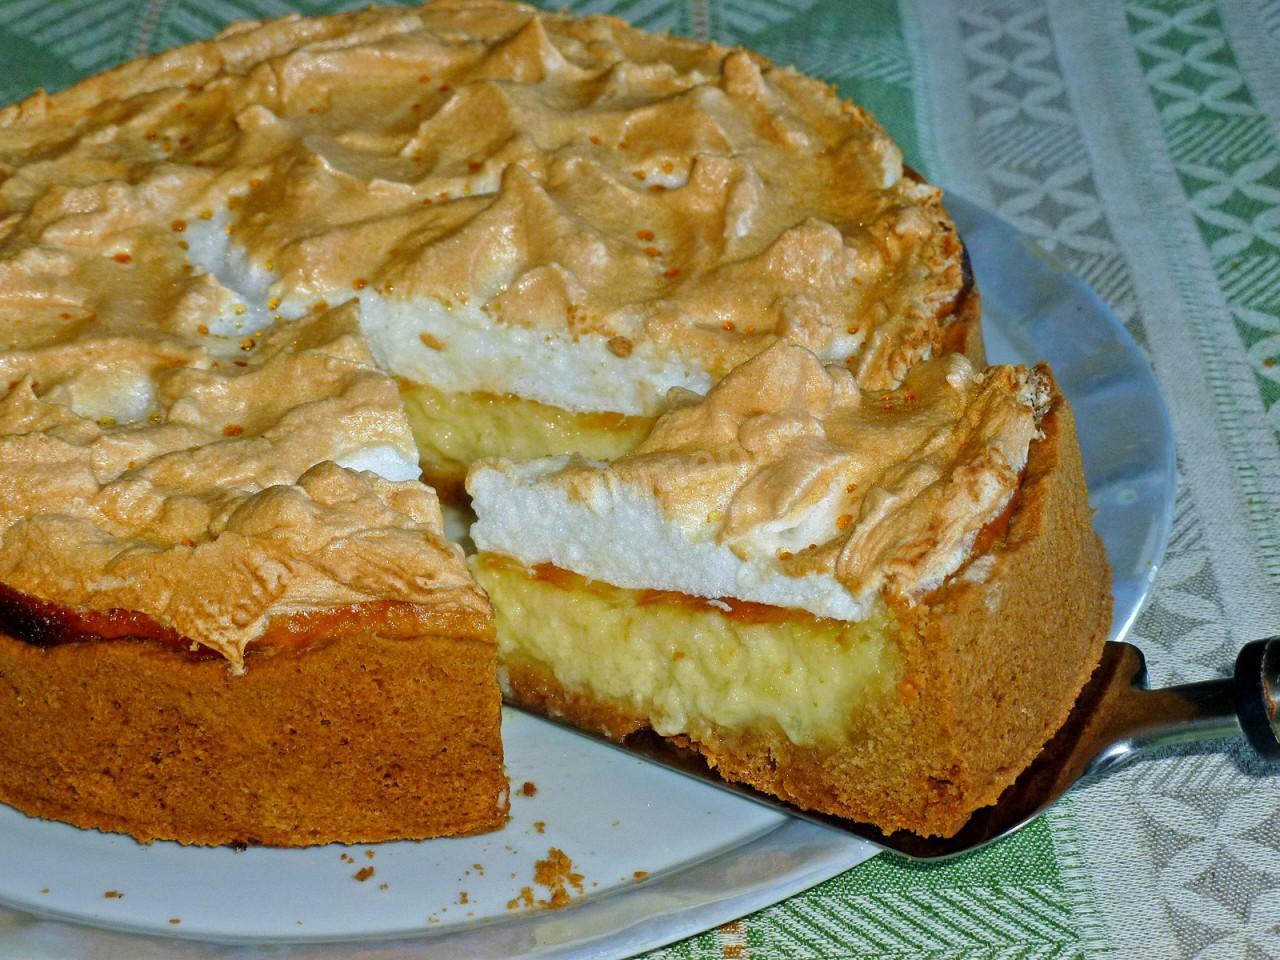 Творожный пирог из крошек рецепт европейская кухня: выпечка